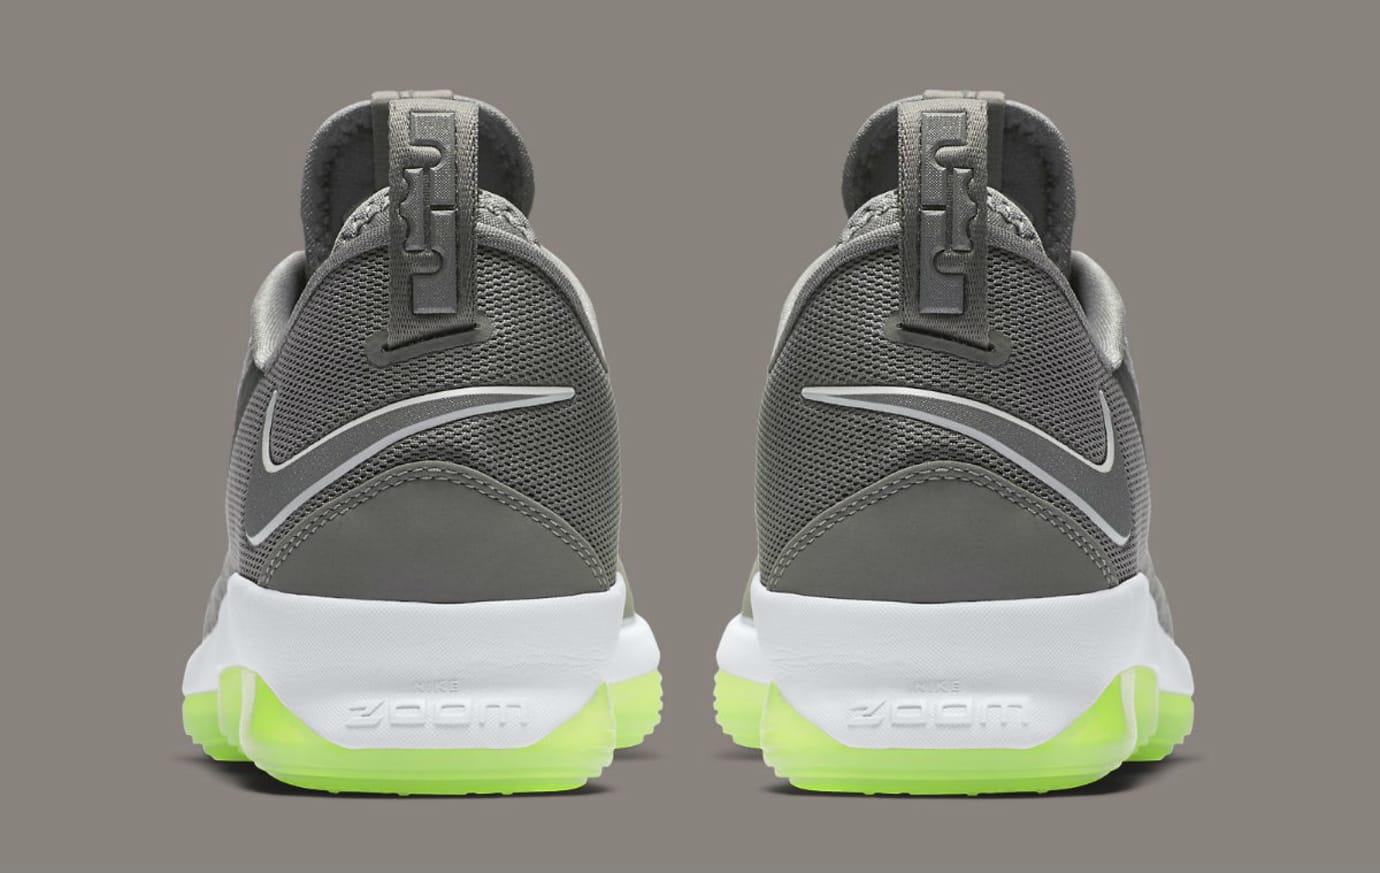 e49235ec0d1 Nike LeBron 14 Low Dunkman Release Date Heel 878636-005